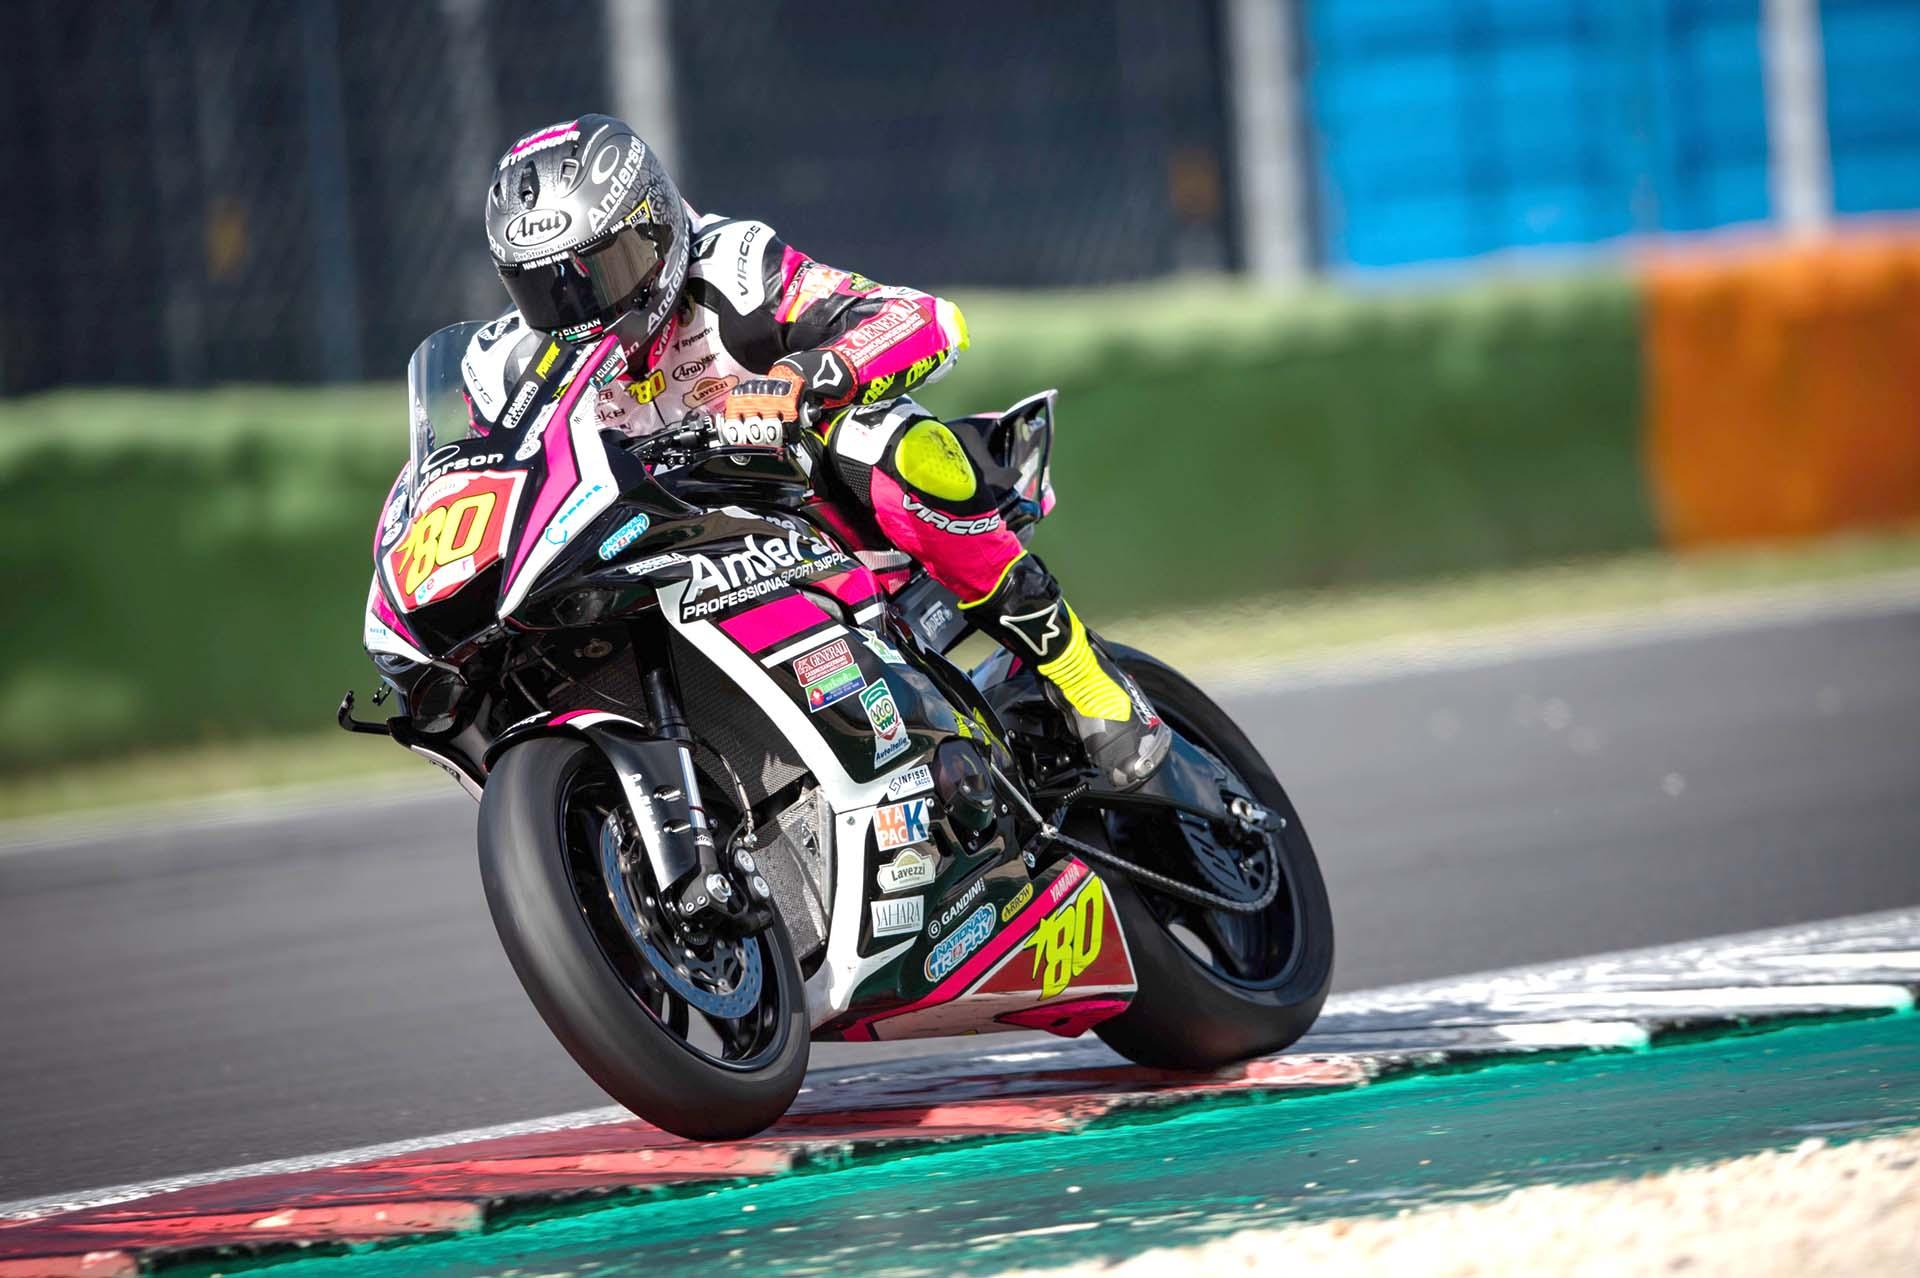 Venerdì 12 Febbraio Pontone e il suo team scenderanno in pista per i primi test sul circuito di Vallelunga